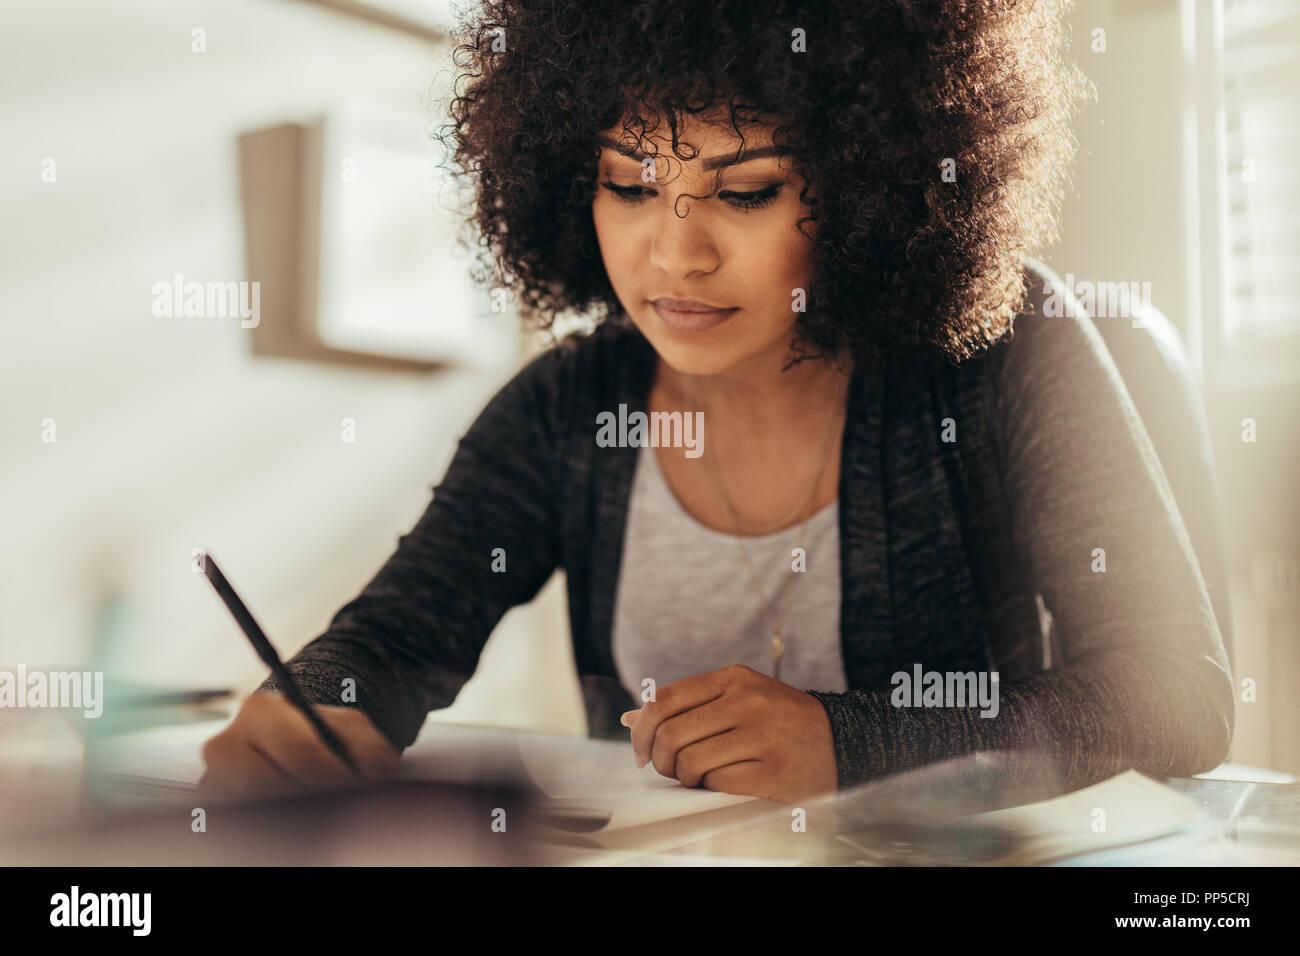 Portrait von weiblichen Architekten an Ihrem Schreibtisch arbeiten. Besetzt weibliche Designer arbeiten an neuen Gebäude planen, beim Sitzen am Tisch. Stockbild